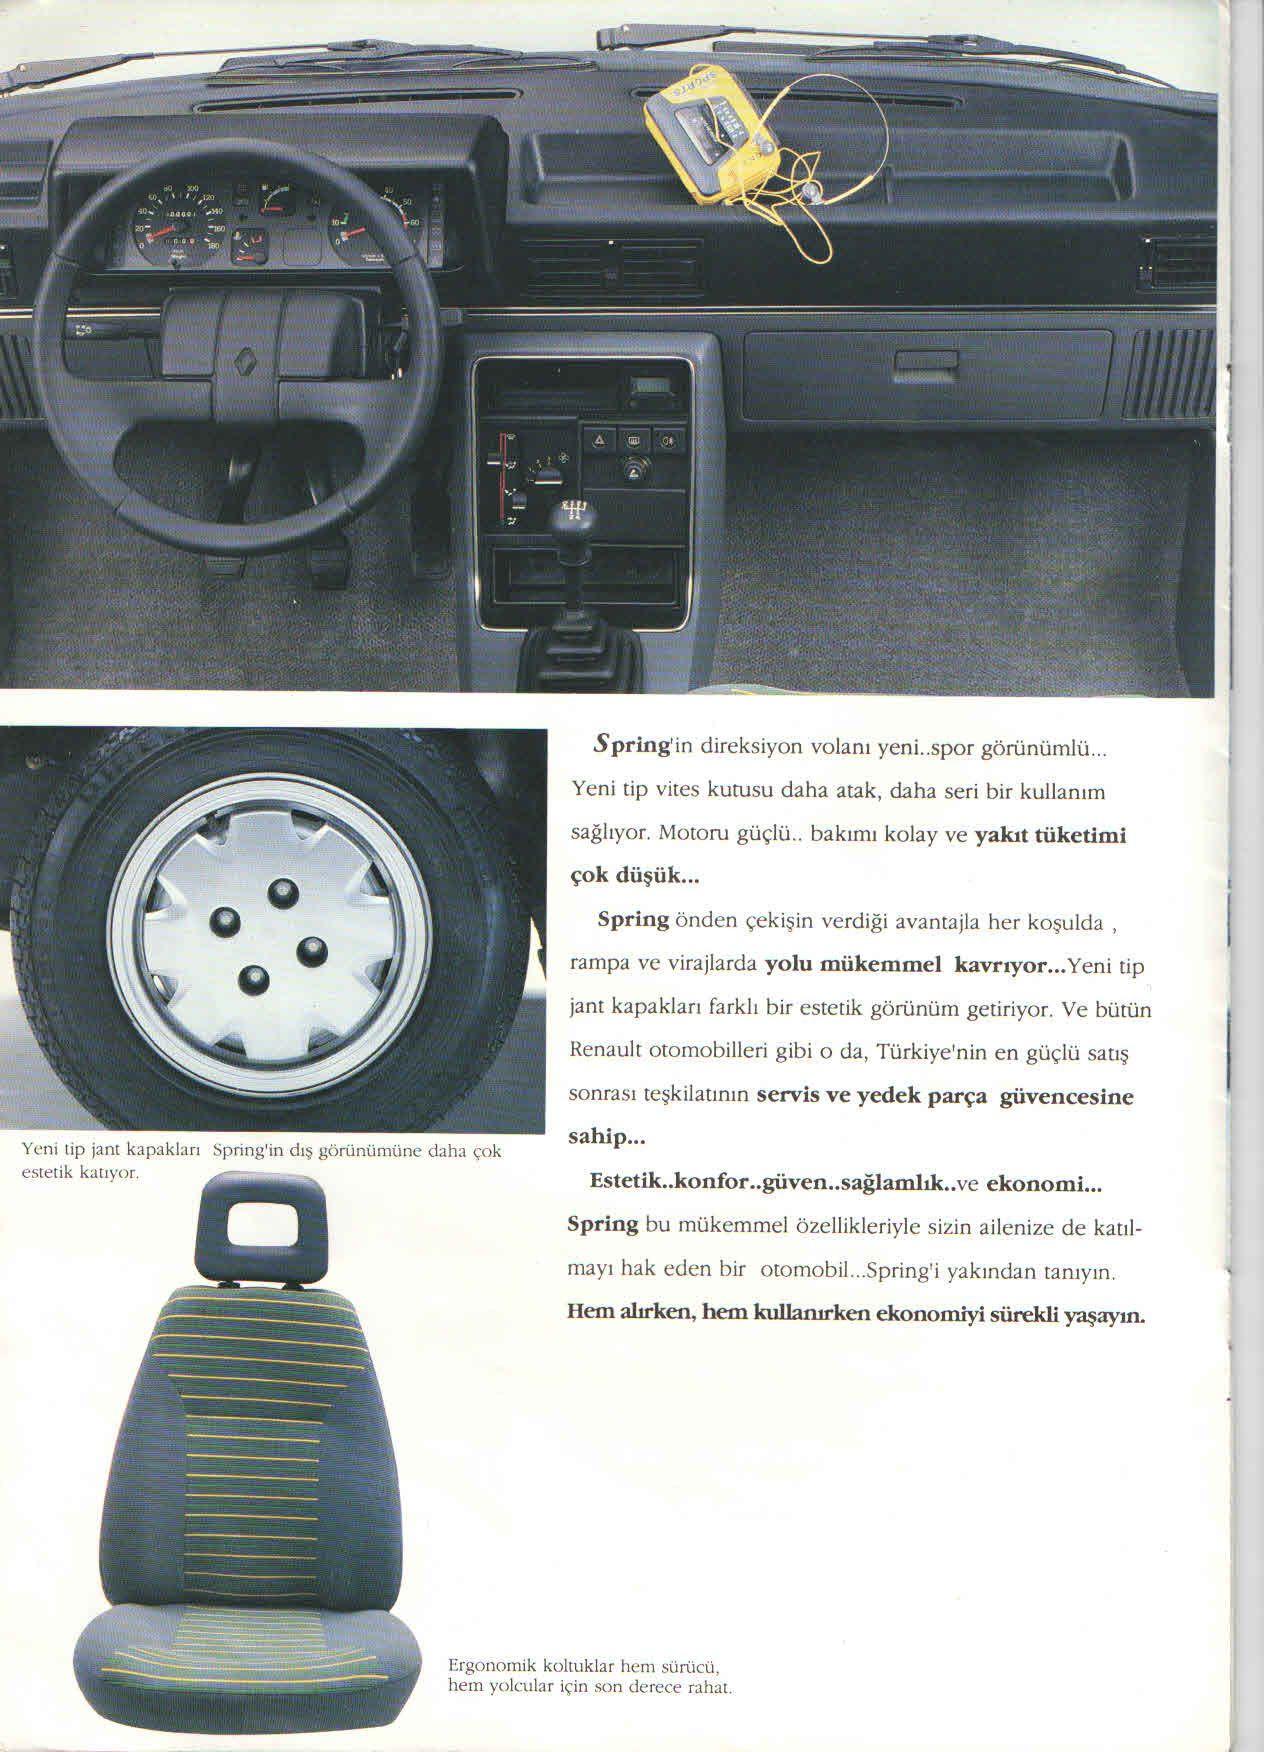 1992 Renault 9 Spring Turkish Catalog Page 6 8 1992 Renault 9 Spring Turkce Katalog Sayfa 6 8 Araba Klasik Arabalar Jant